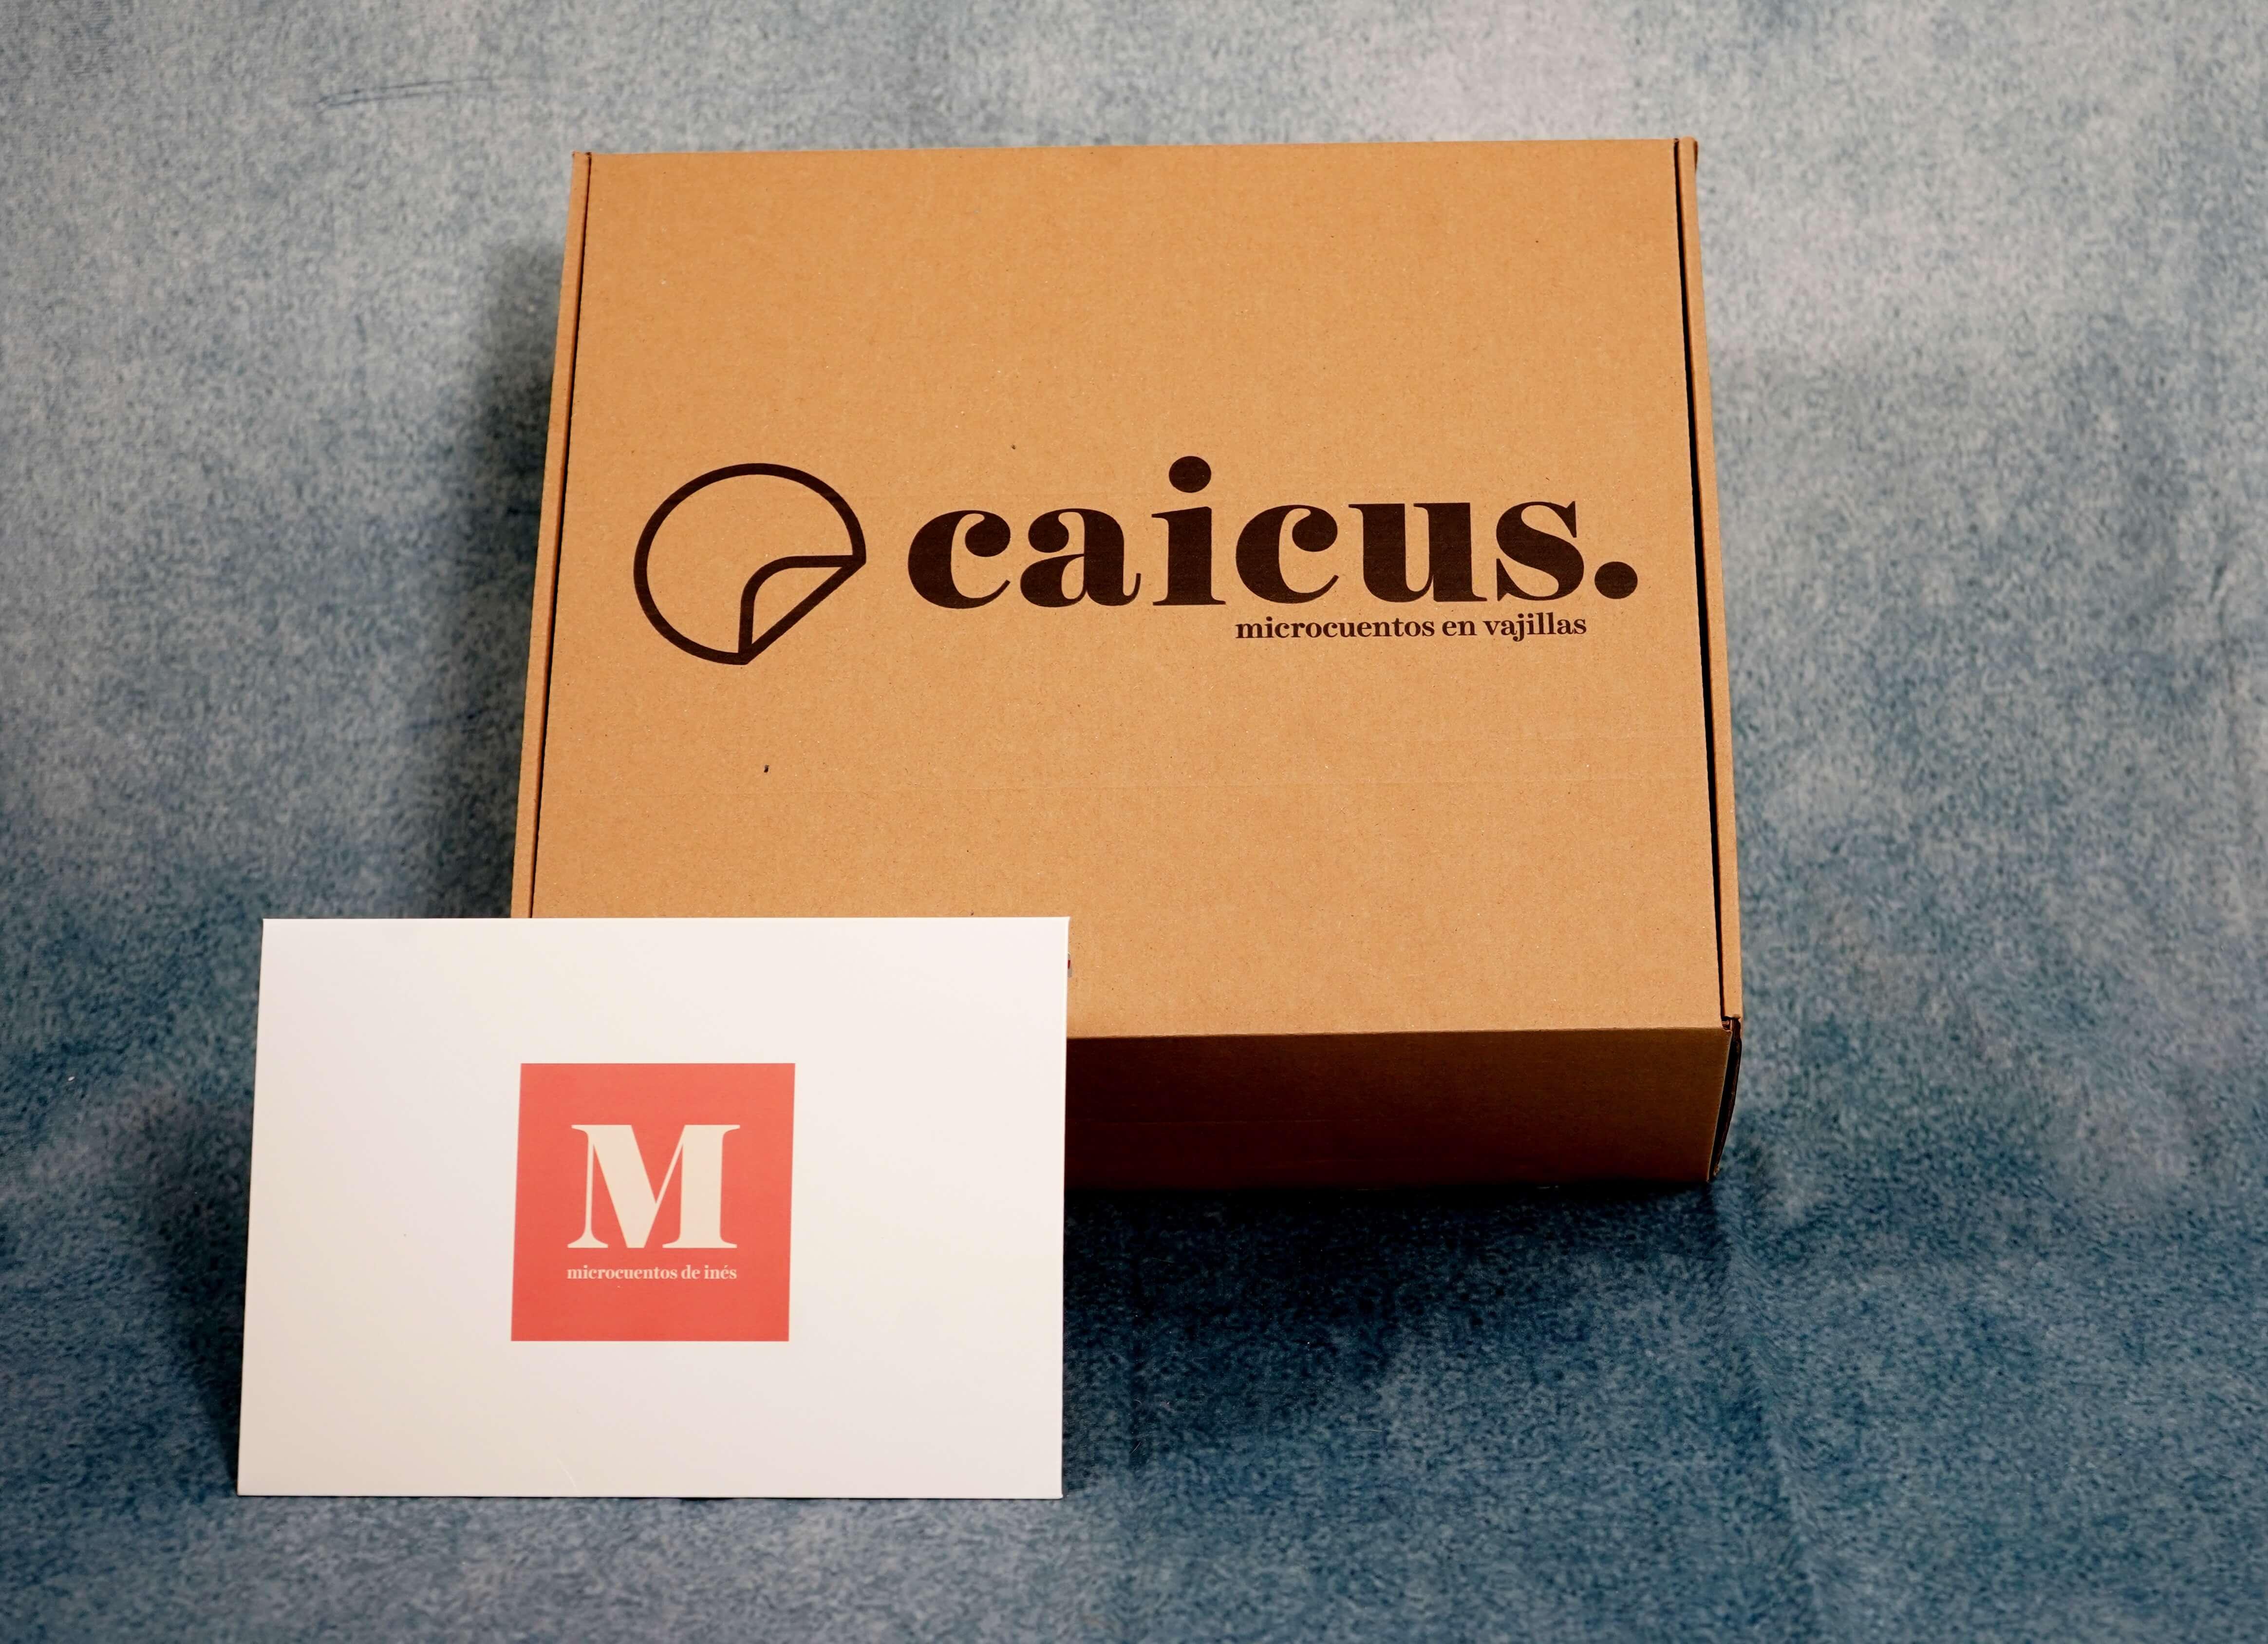 una caja postal de cartón con el logo de Caicus